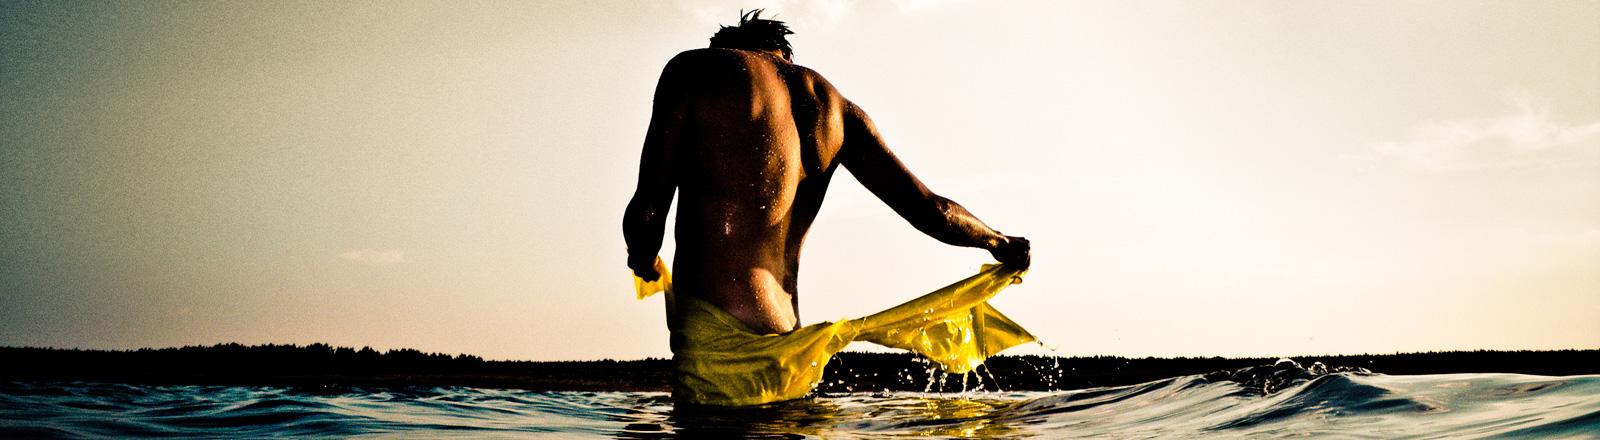 Ein muskulöser Mann steht nackt im Wasser, das ihm bis über die Knie reicht. Er ist von hinten zu sehen und legt sich eine Badehose um die Hüften.